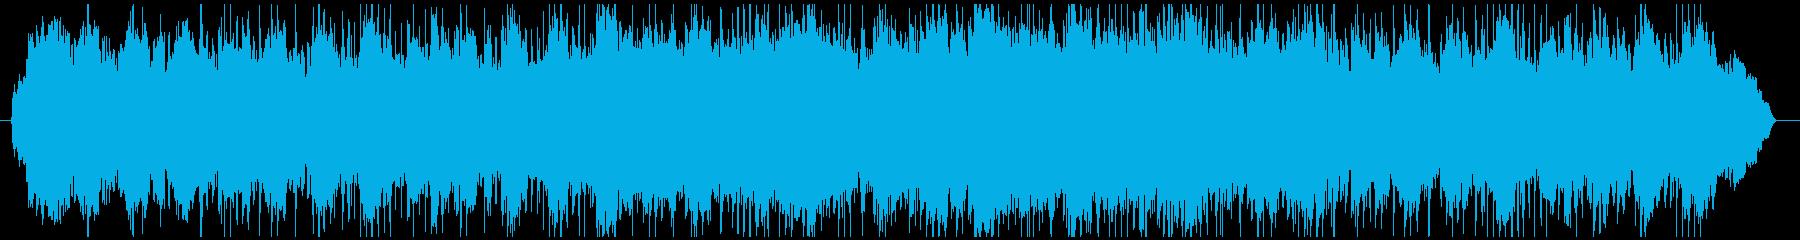 雄大で神秘的な自然をイメージしたBGMの再生済みの波形